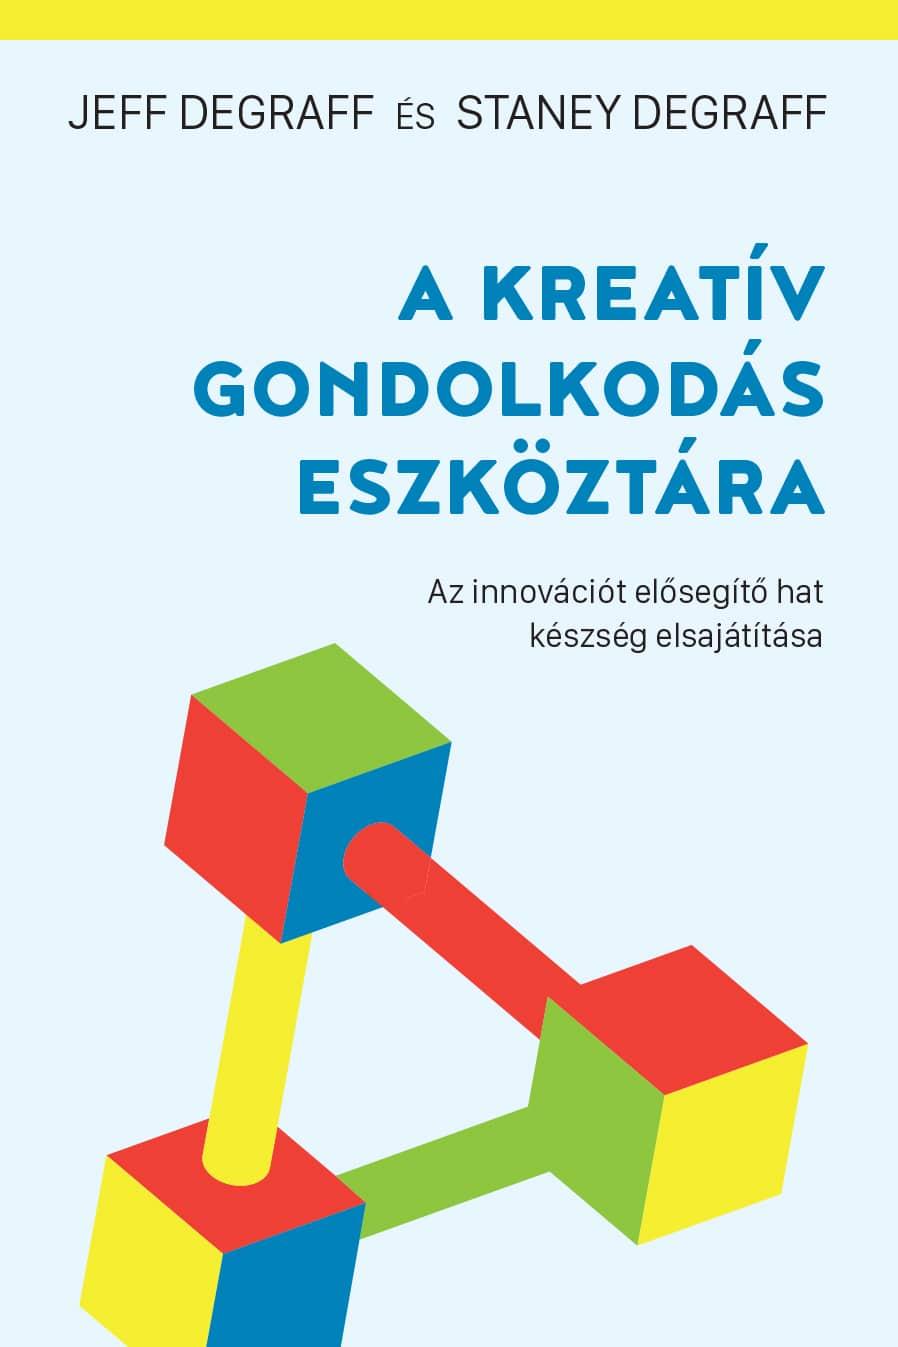 a-kreativ-gondolkodas_b1.jpg